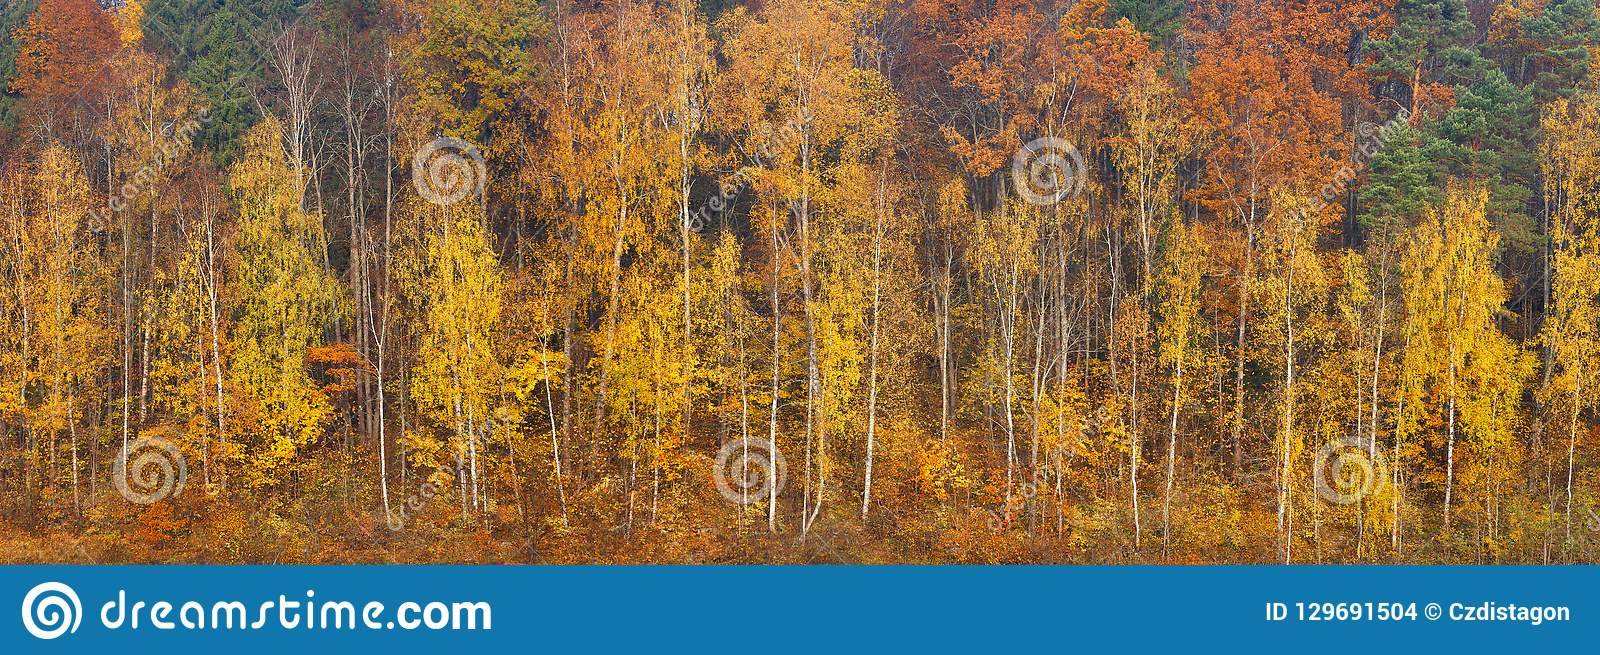 Bosque anaranjado, rojo y verde hermoso del otoño, muchos árboles en el panorama anaranjado de las colinas Bandera larga del web